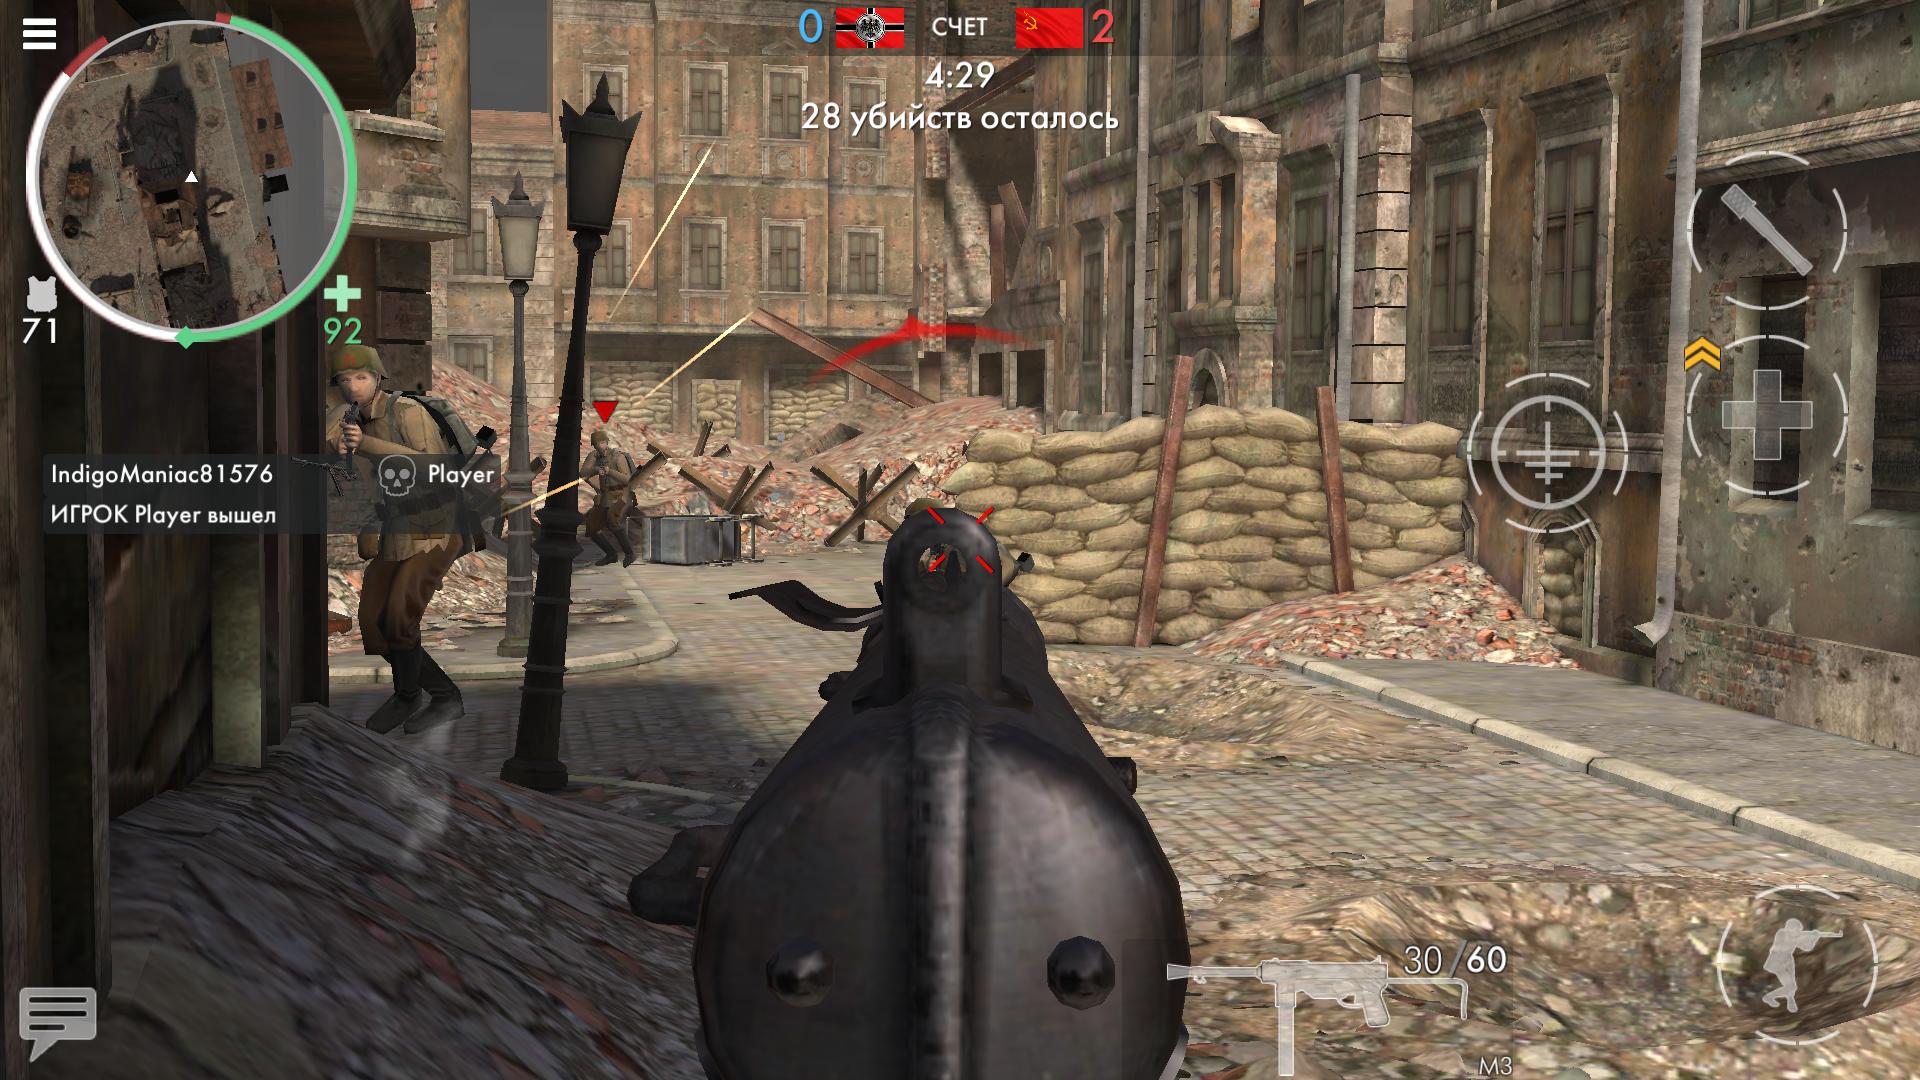 Война стрелялка онлайн игра фильмы онлайн в хорошем качестве смертельная гонка 2